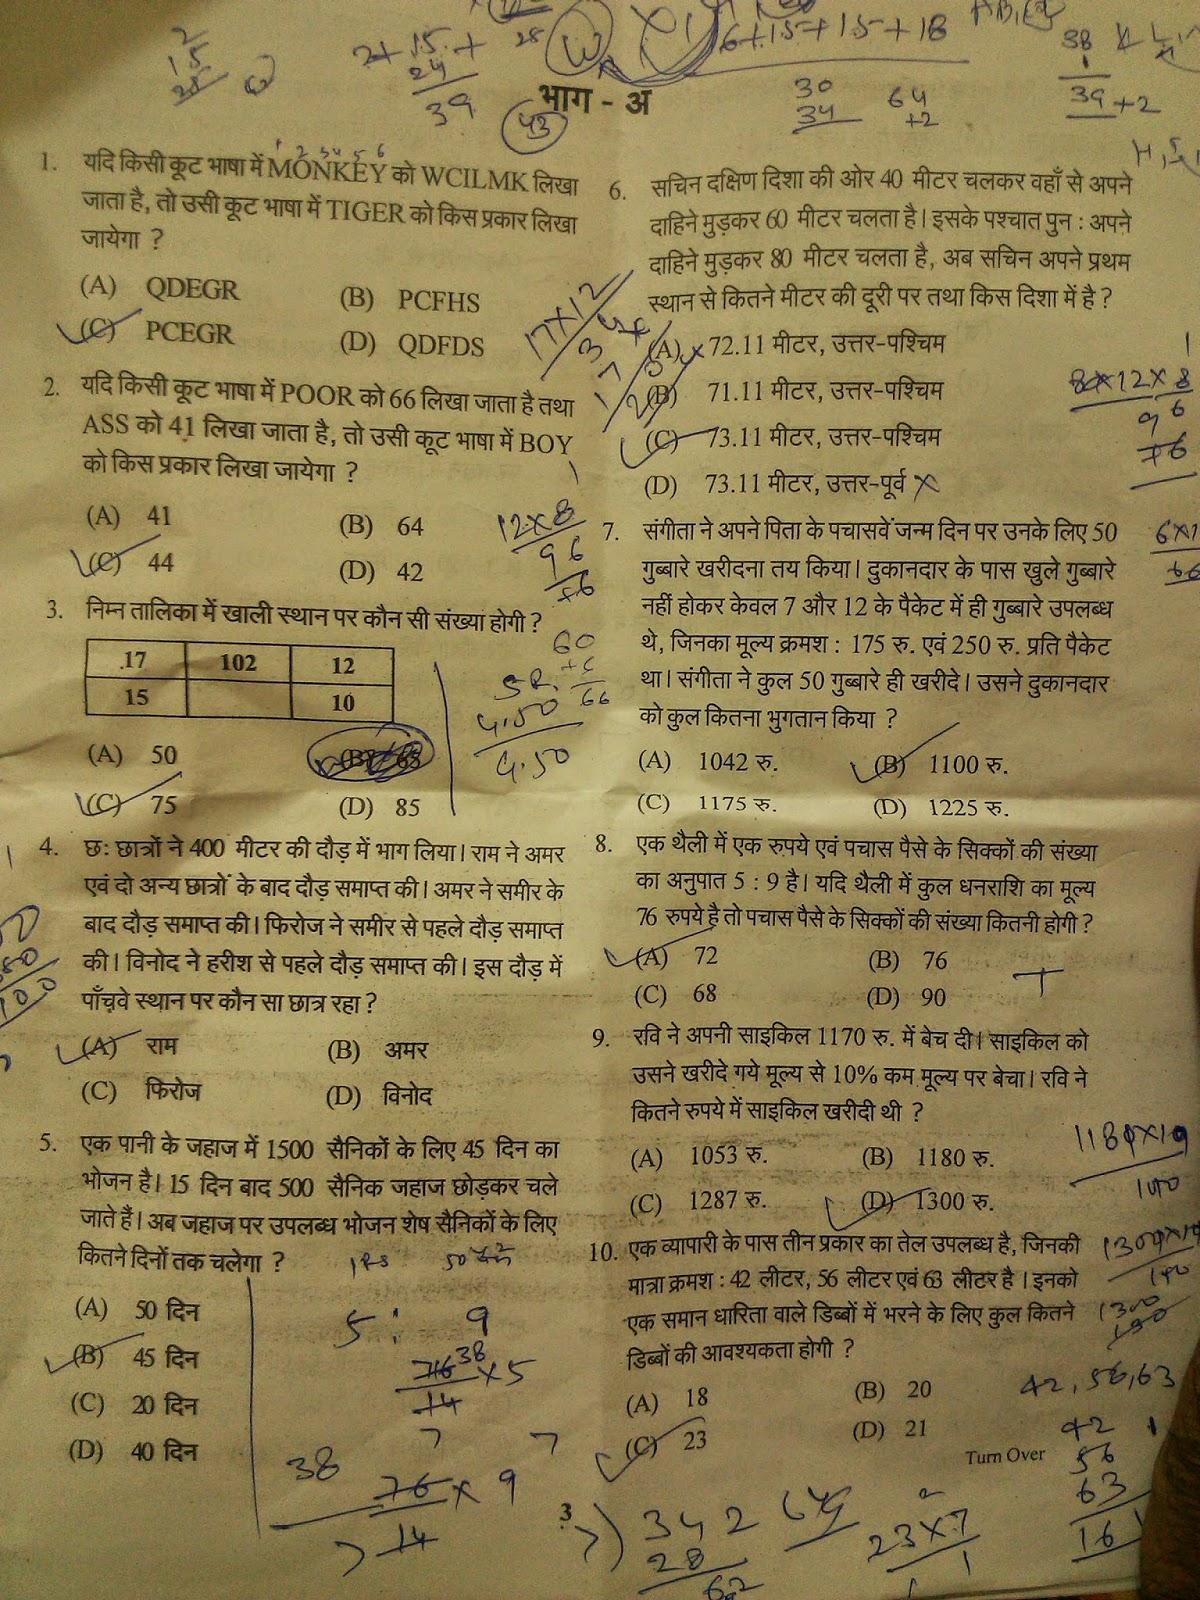 Rajasthan Police Ke Paper Ke Sabhi Parts And Answer Key